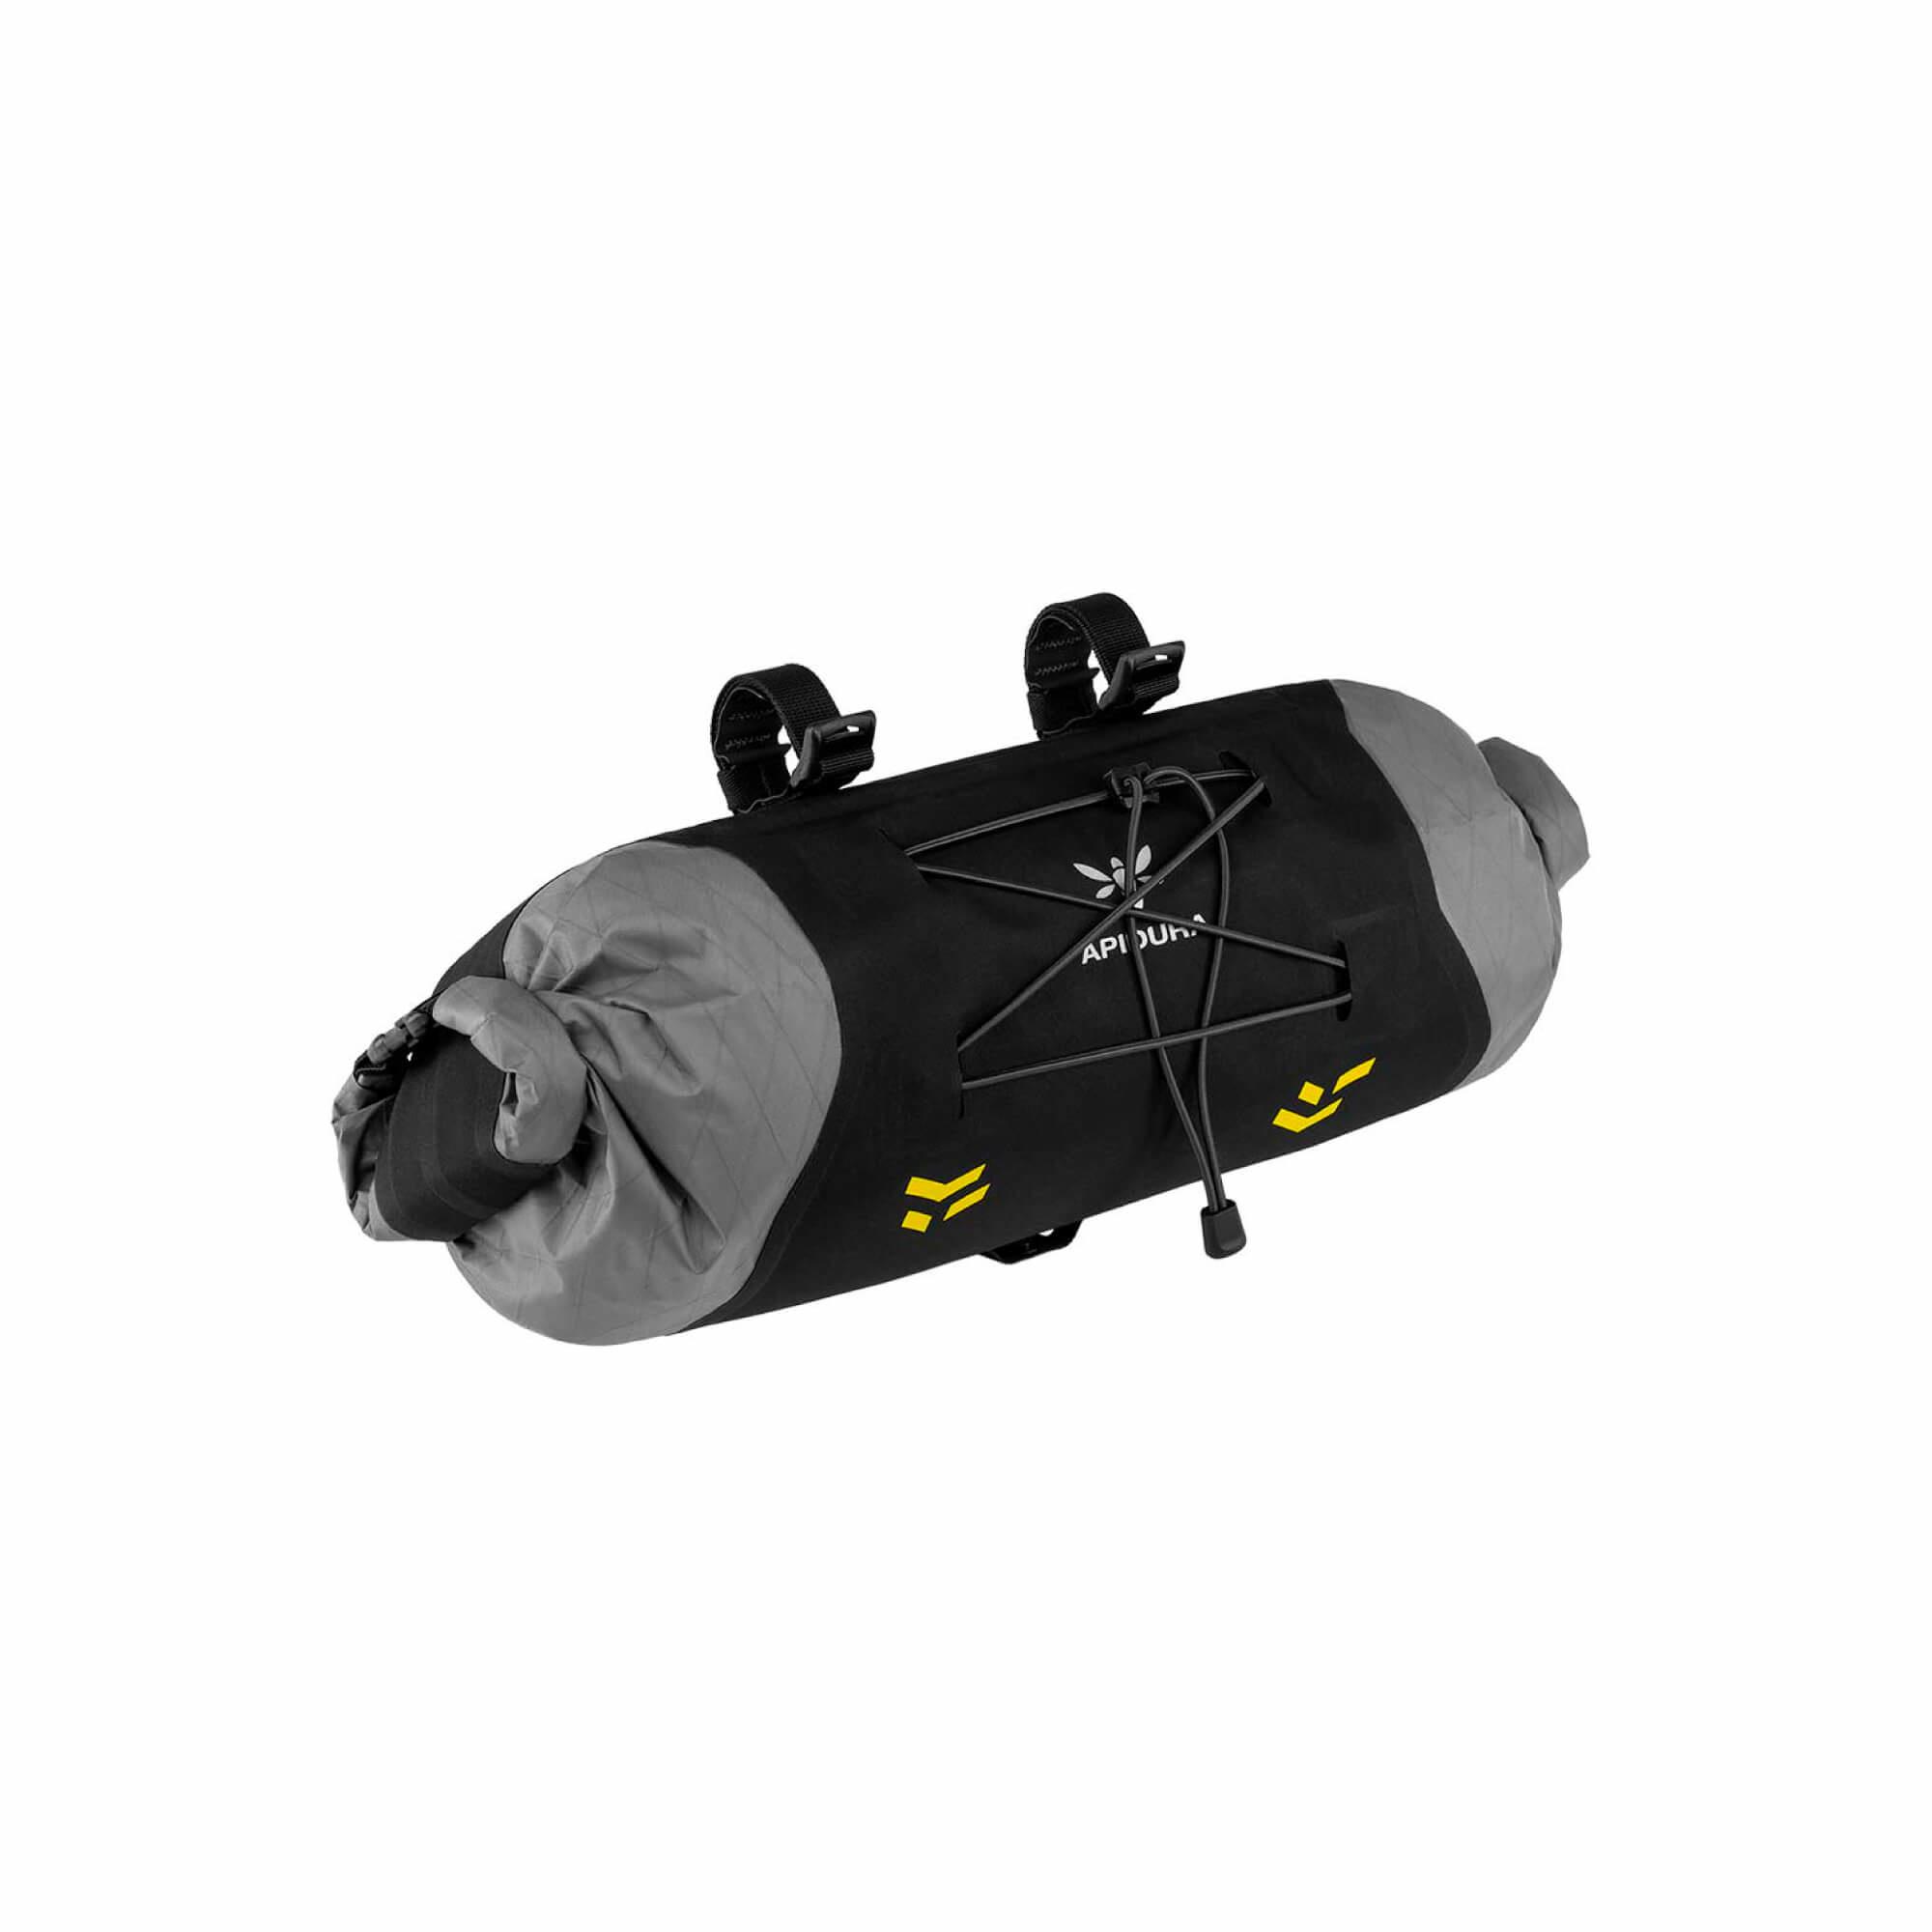 Backcountry2 Handlebar Pack 7 L-1